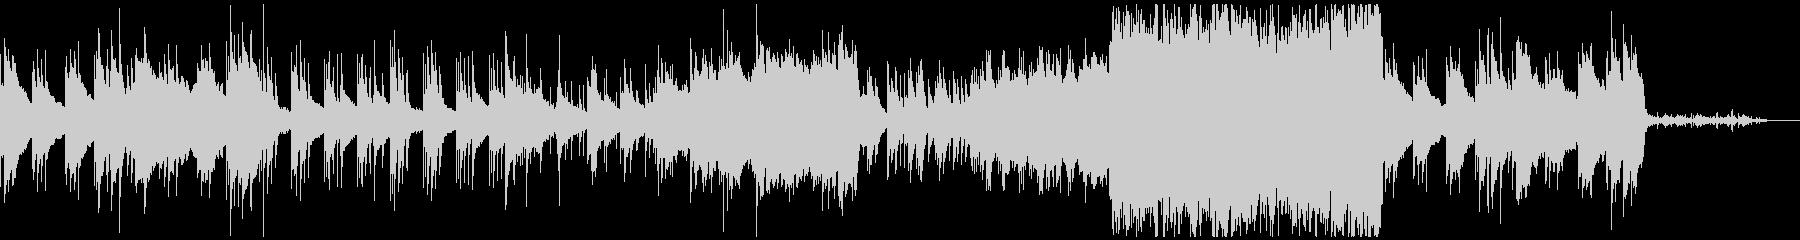 アコギ &ストリングス&ピアノ系 1の未再生の波形